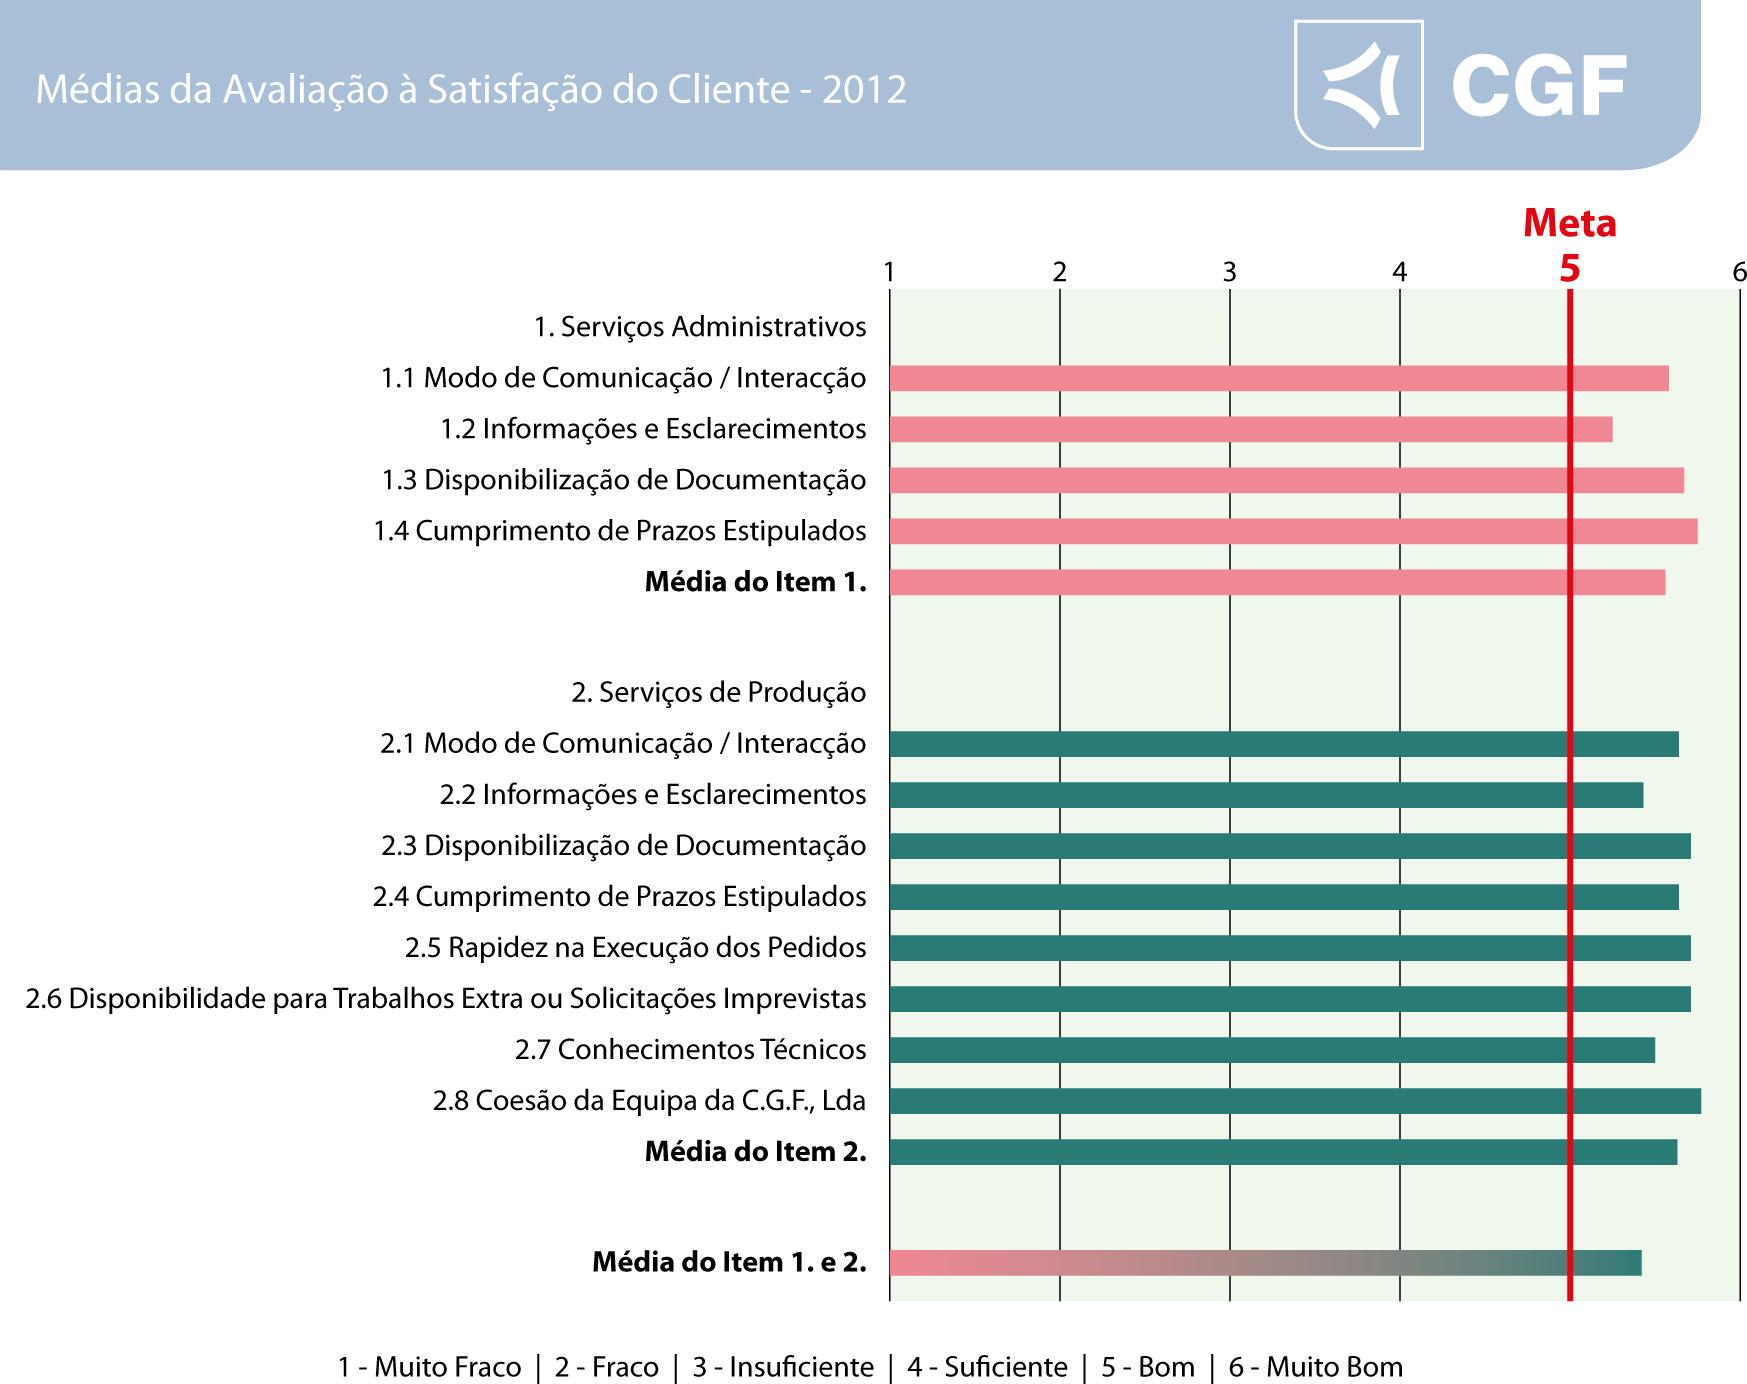 Listagem Avaliação Satisfação Cliente 2012